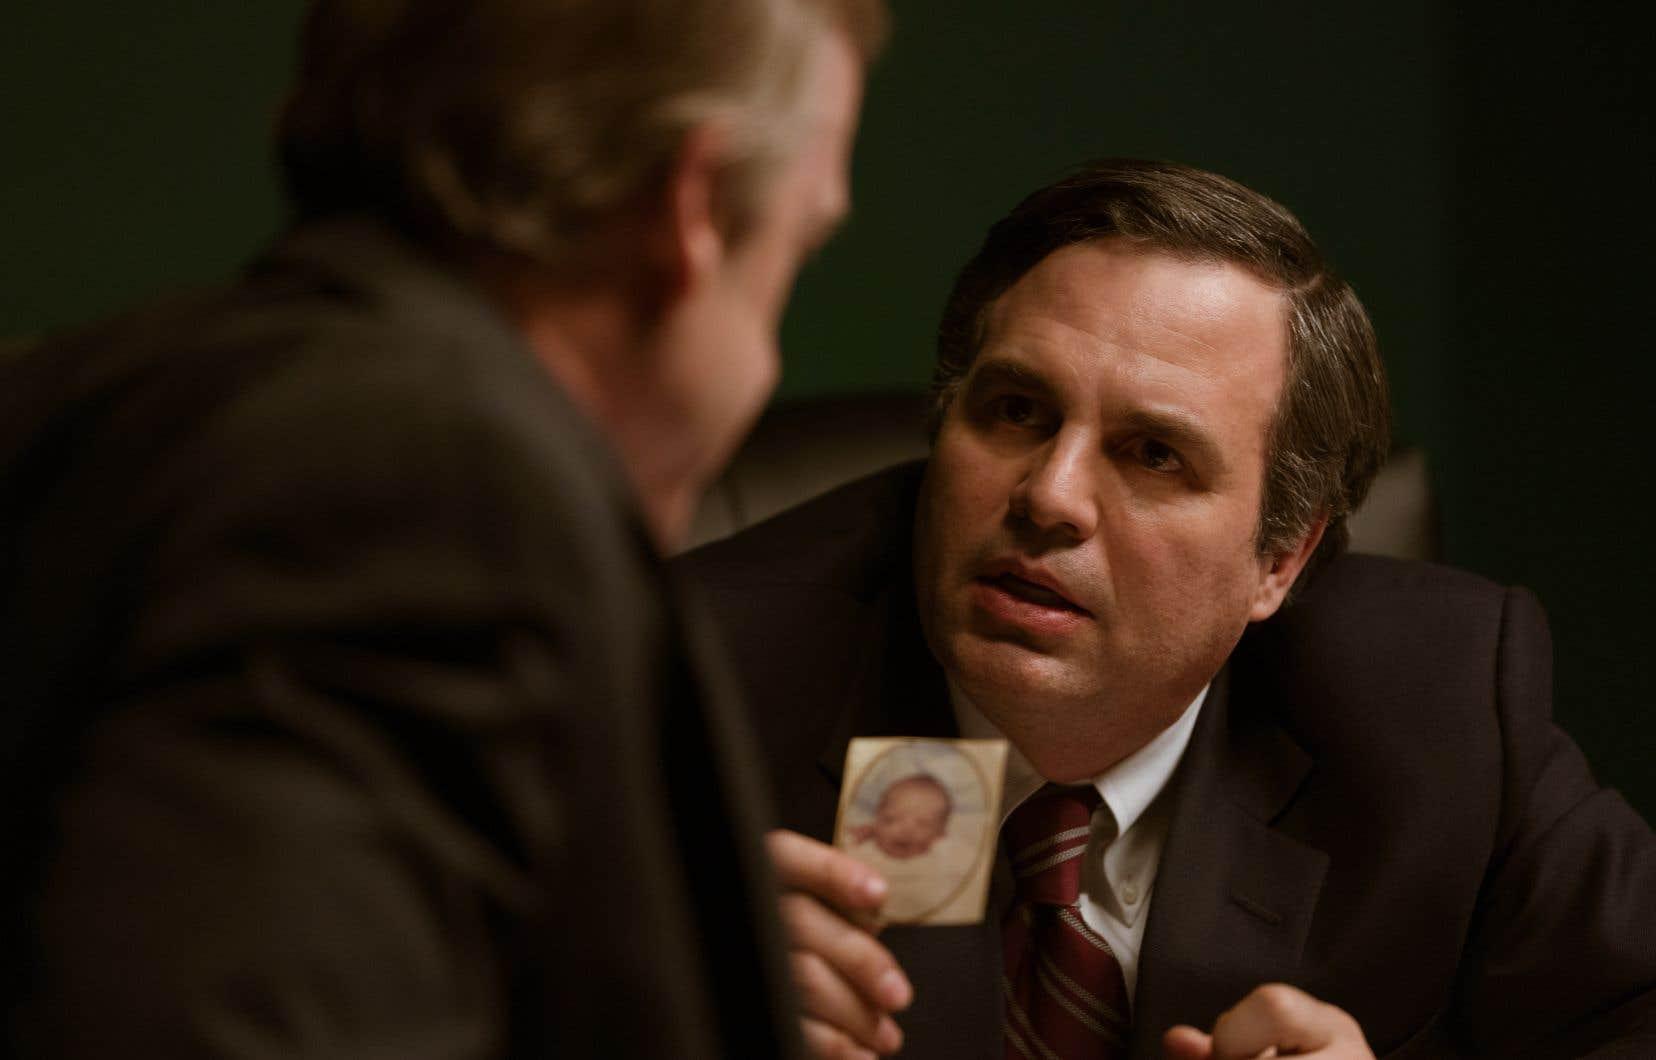 Mark Ruffalo incarne Robert Bilott, un avocat de Cincinnati qui, alors qu'il vient à peine d'être nommé associé dans le cabinet qui l'emploie.